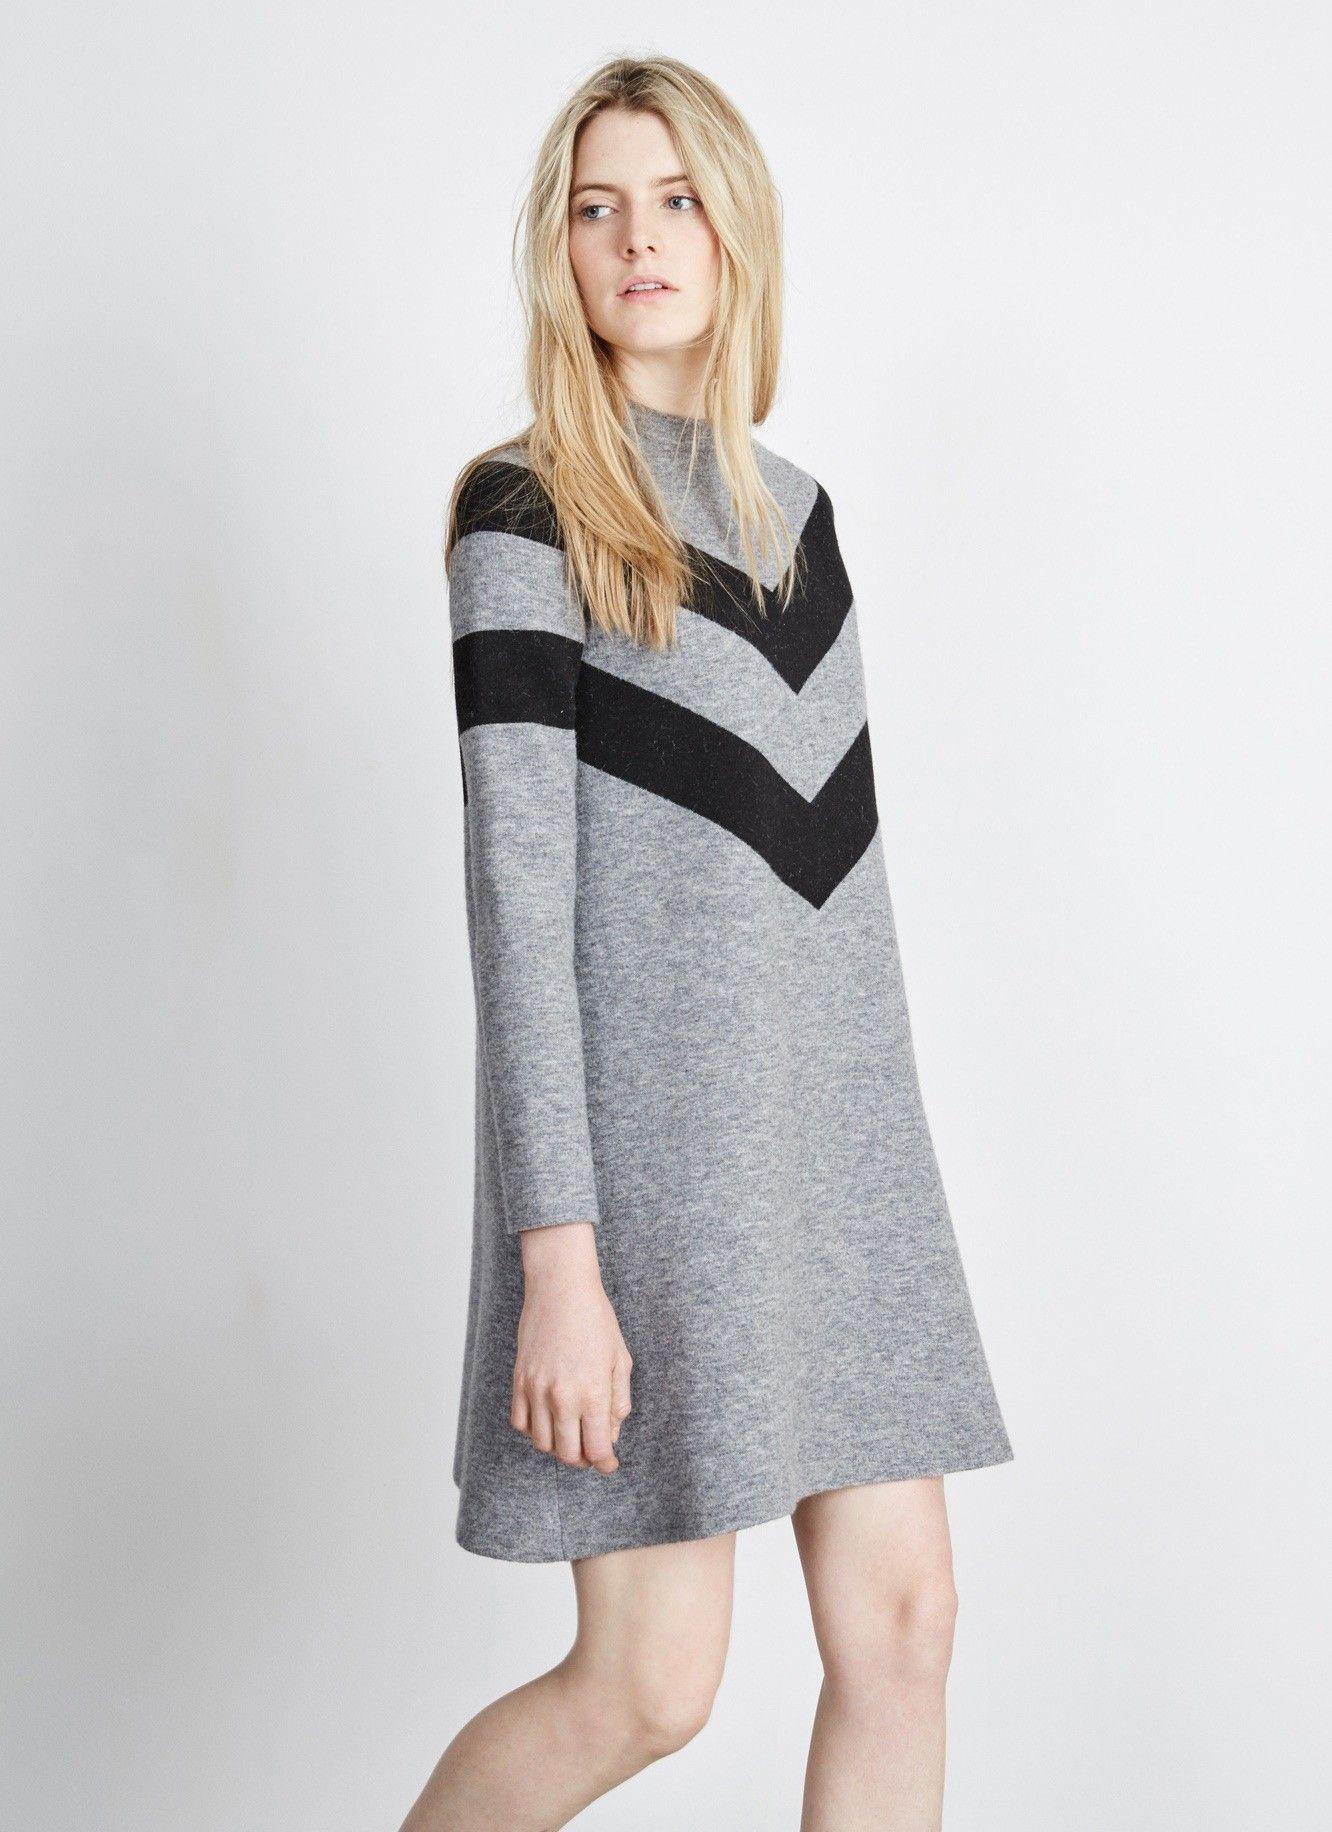 Vestido de lana con dibujo geométrico - Vestidos | Adolfo Dominguez shop online